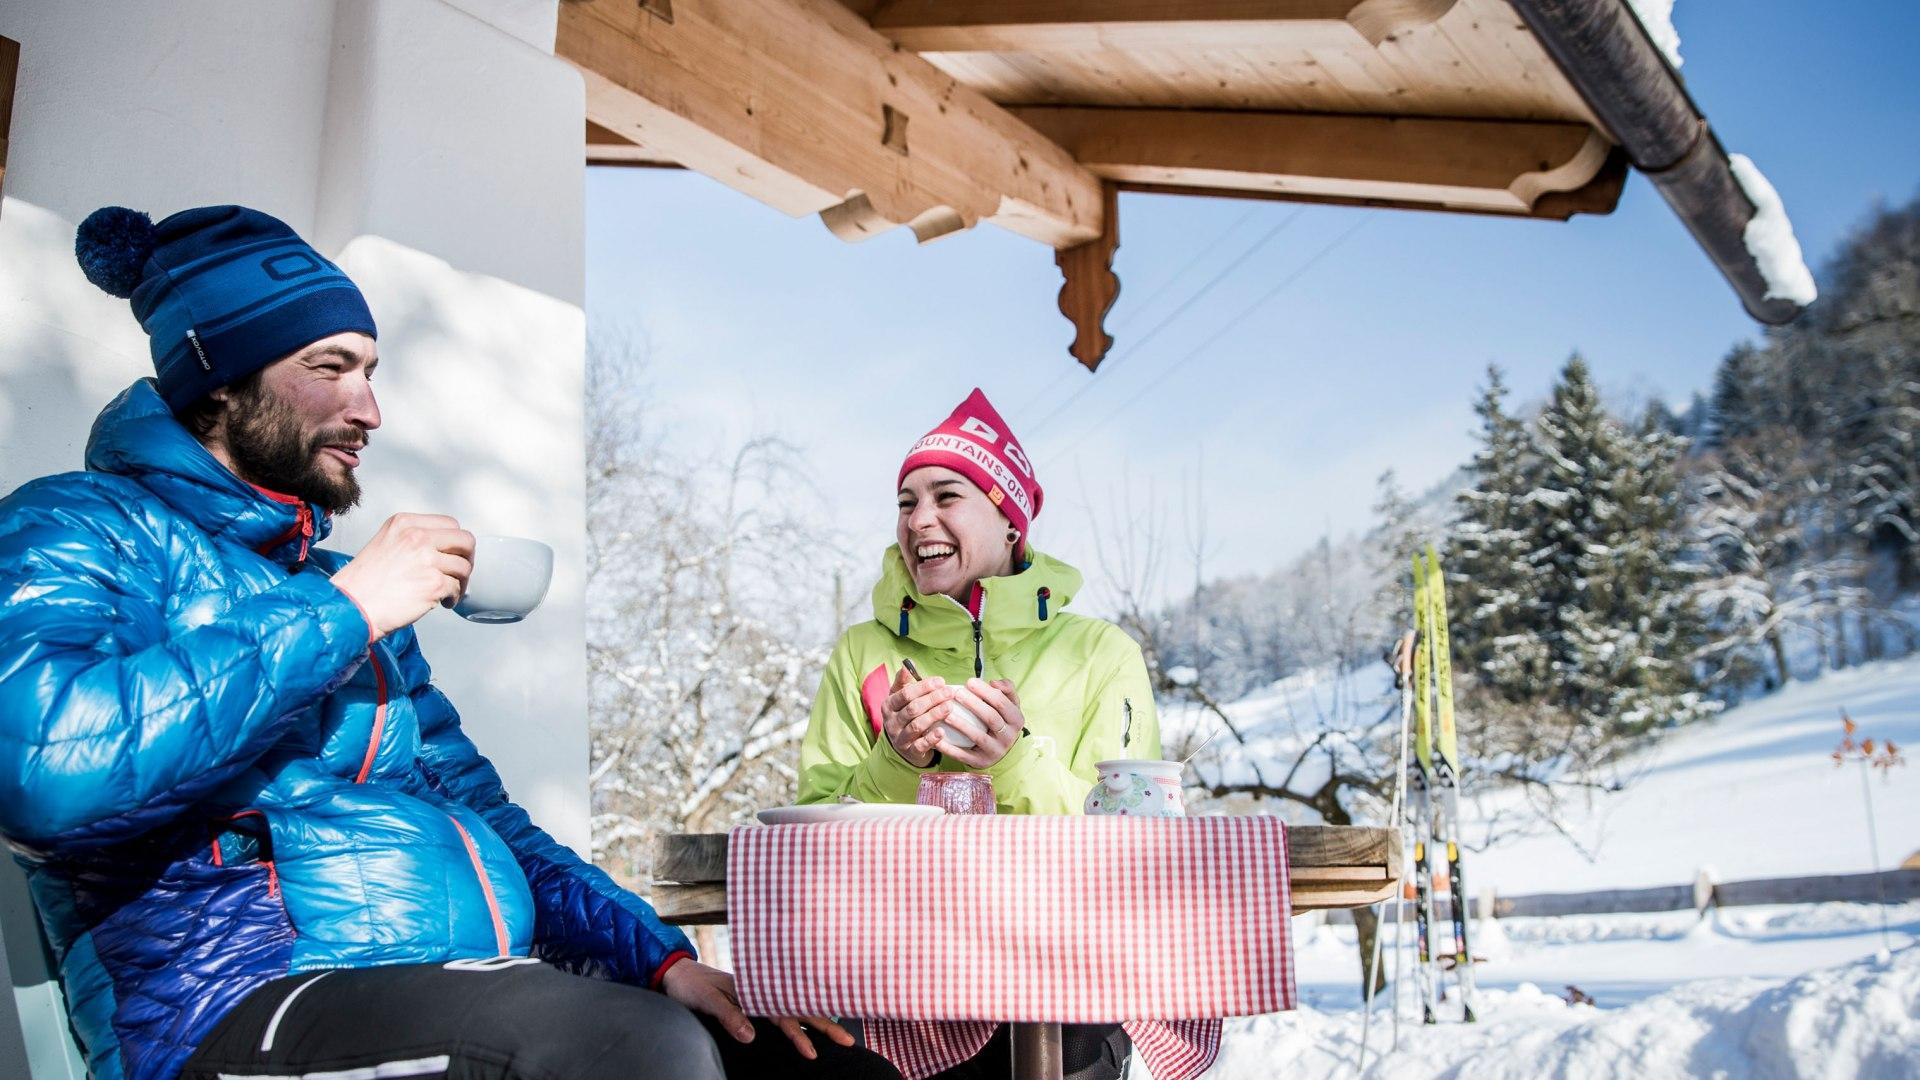 Langlauffreundliche Gastgeber am Tegernsee, © Hansi Heckmair